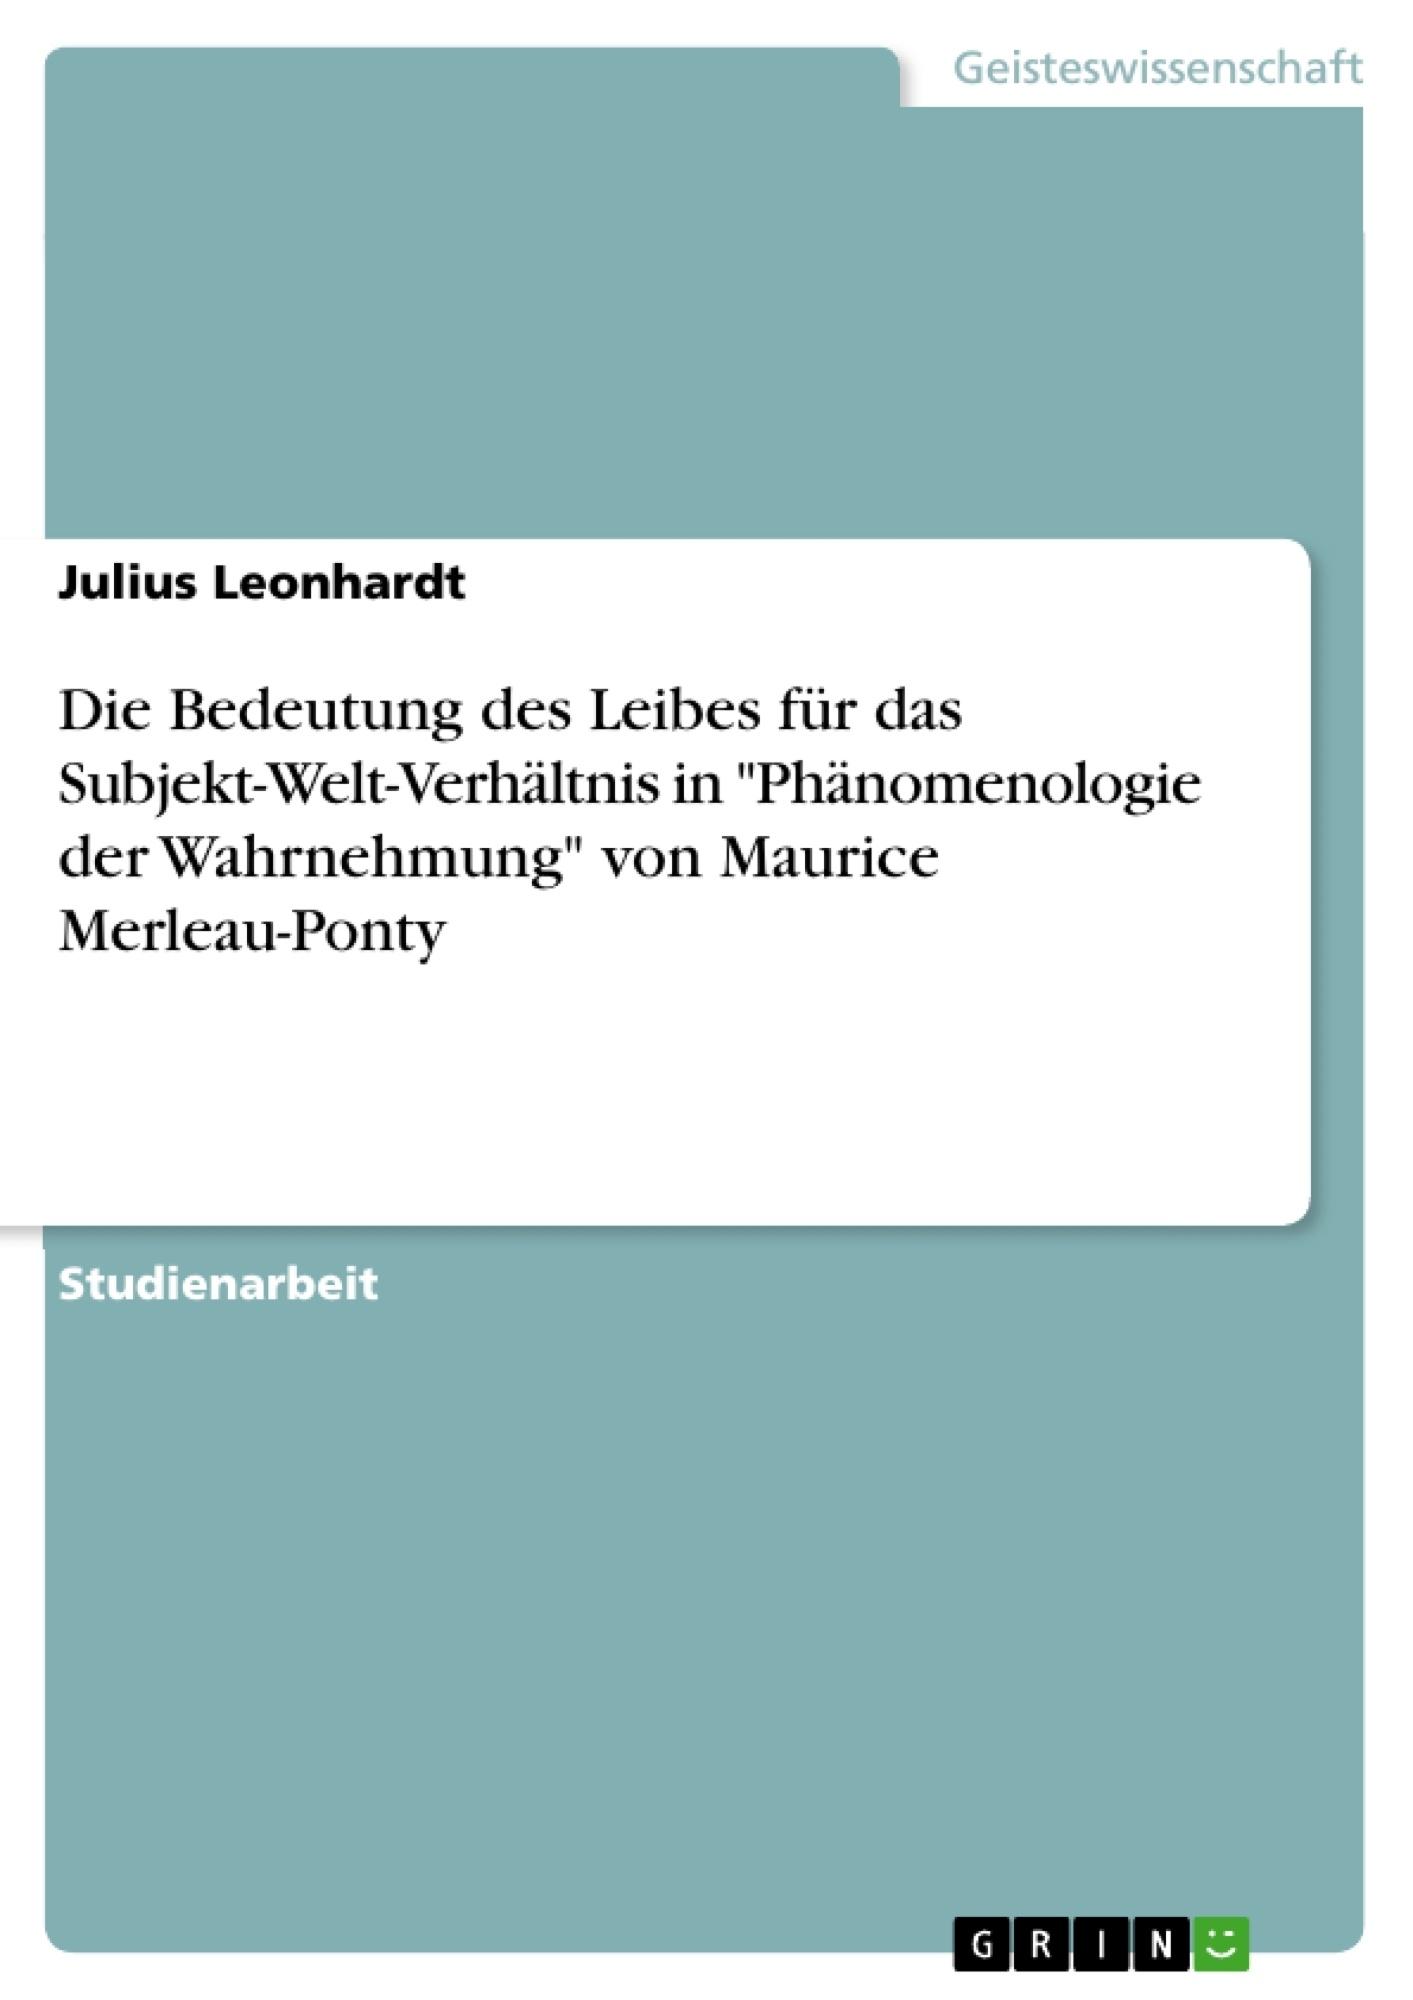 """Titel: Die Bedeutung des Leibes für das Subjekt-Welt-Verhältnis in """"Phänomenologie der Wahrnehmung"""" von Maurice Merleau-Ponty"""